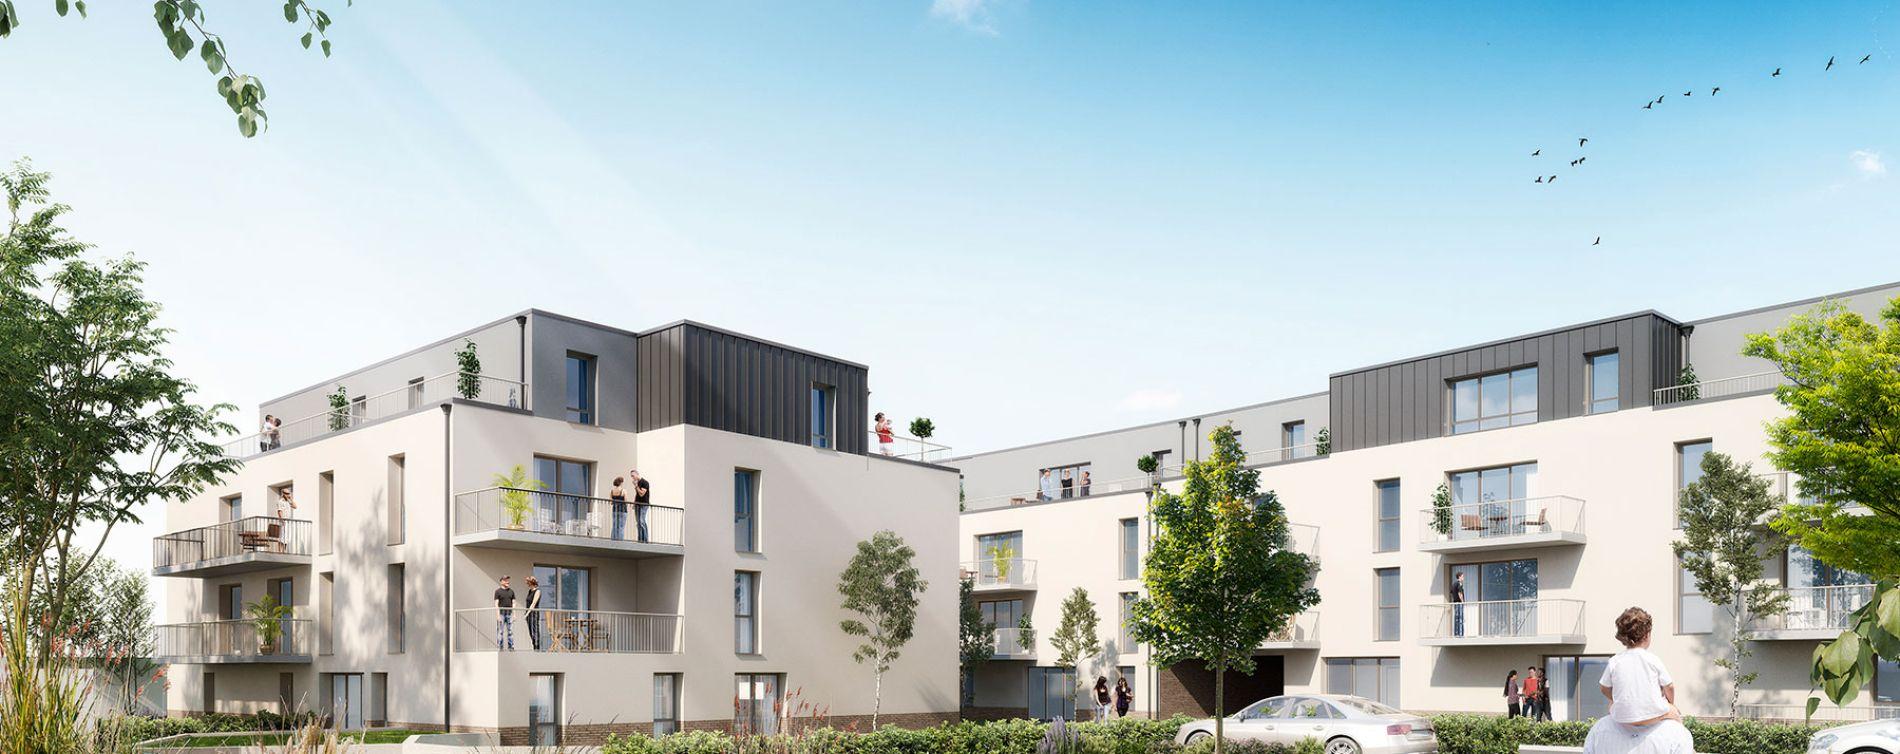 Résidence Coeurville à Amiens